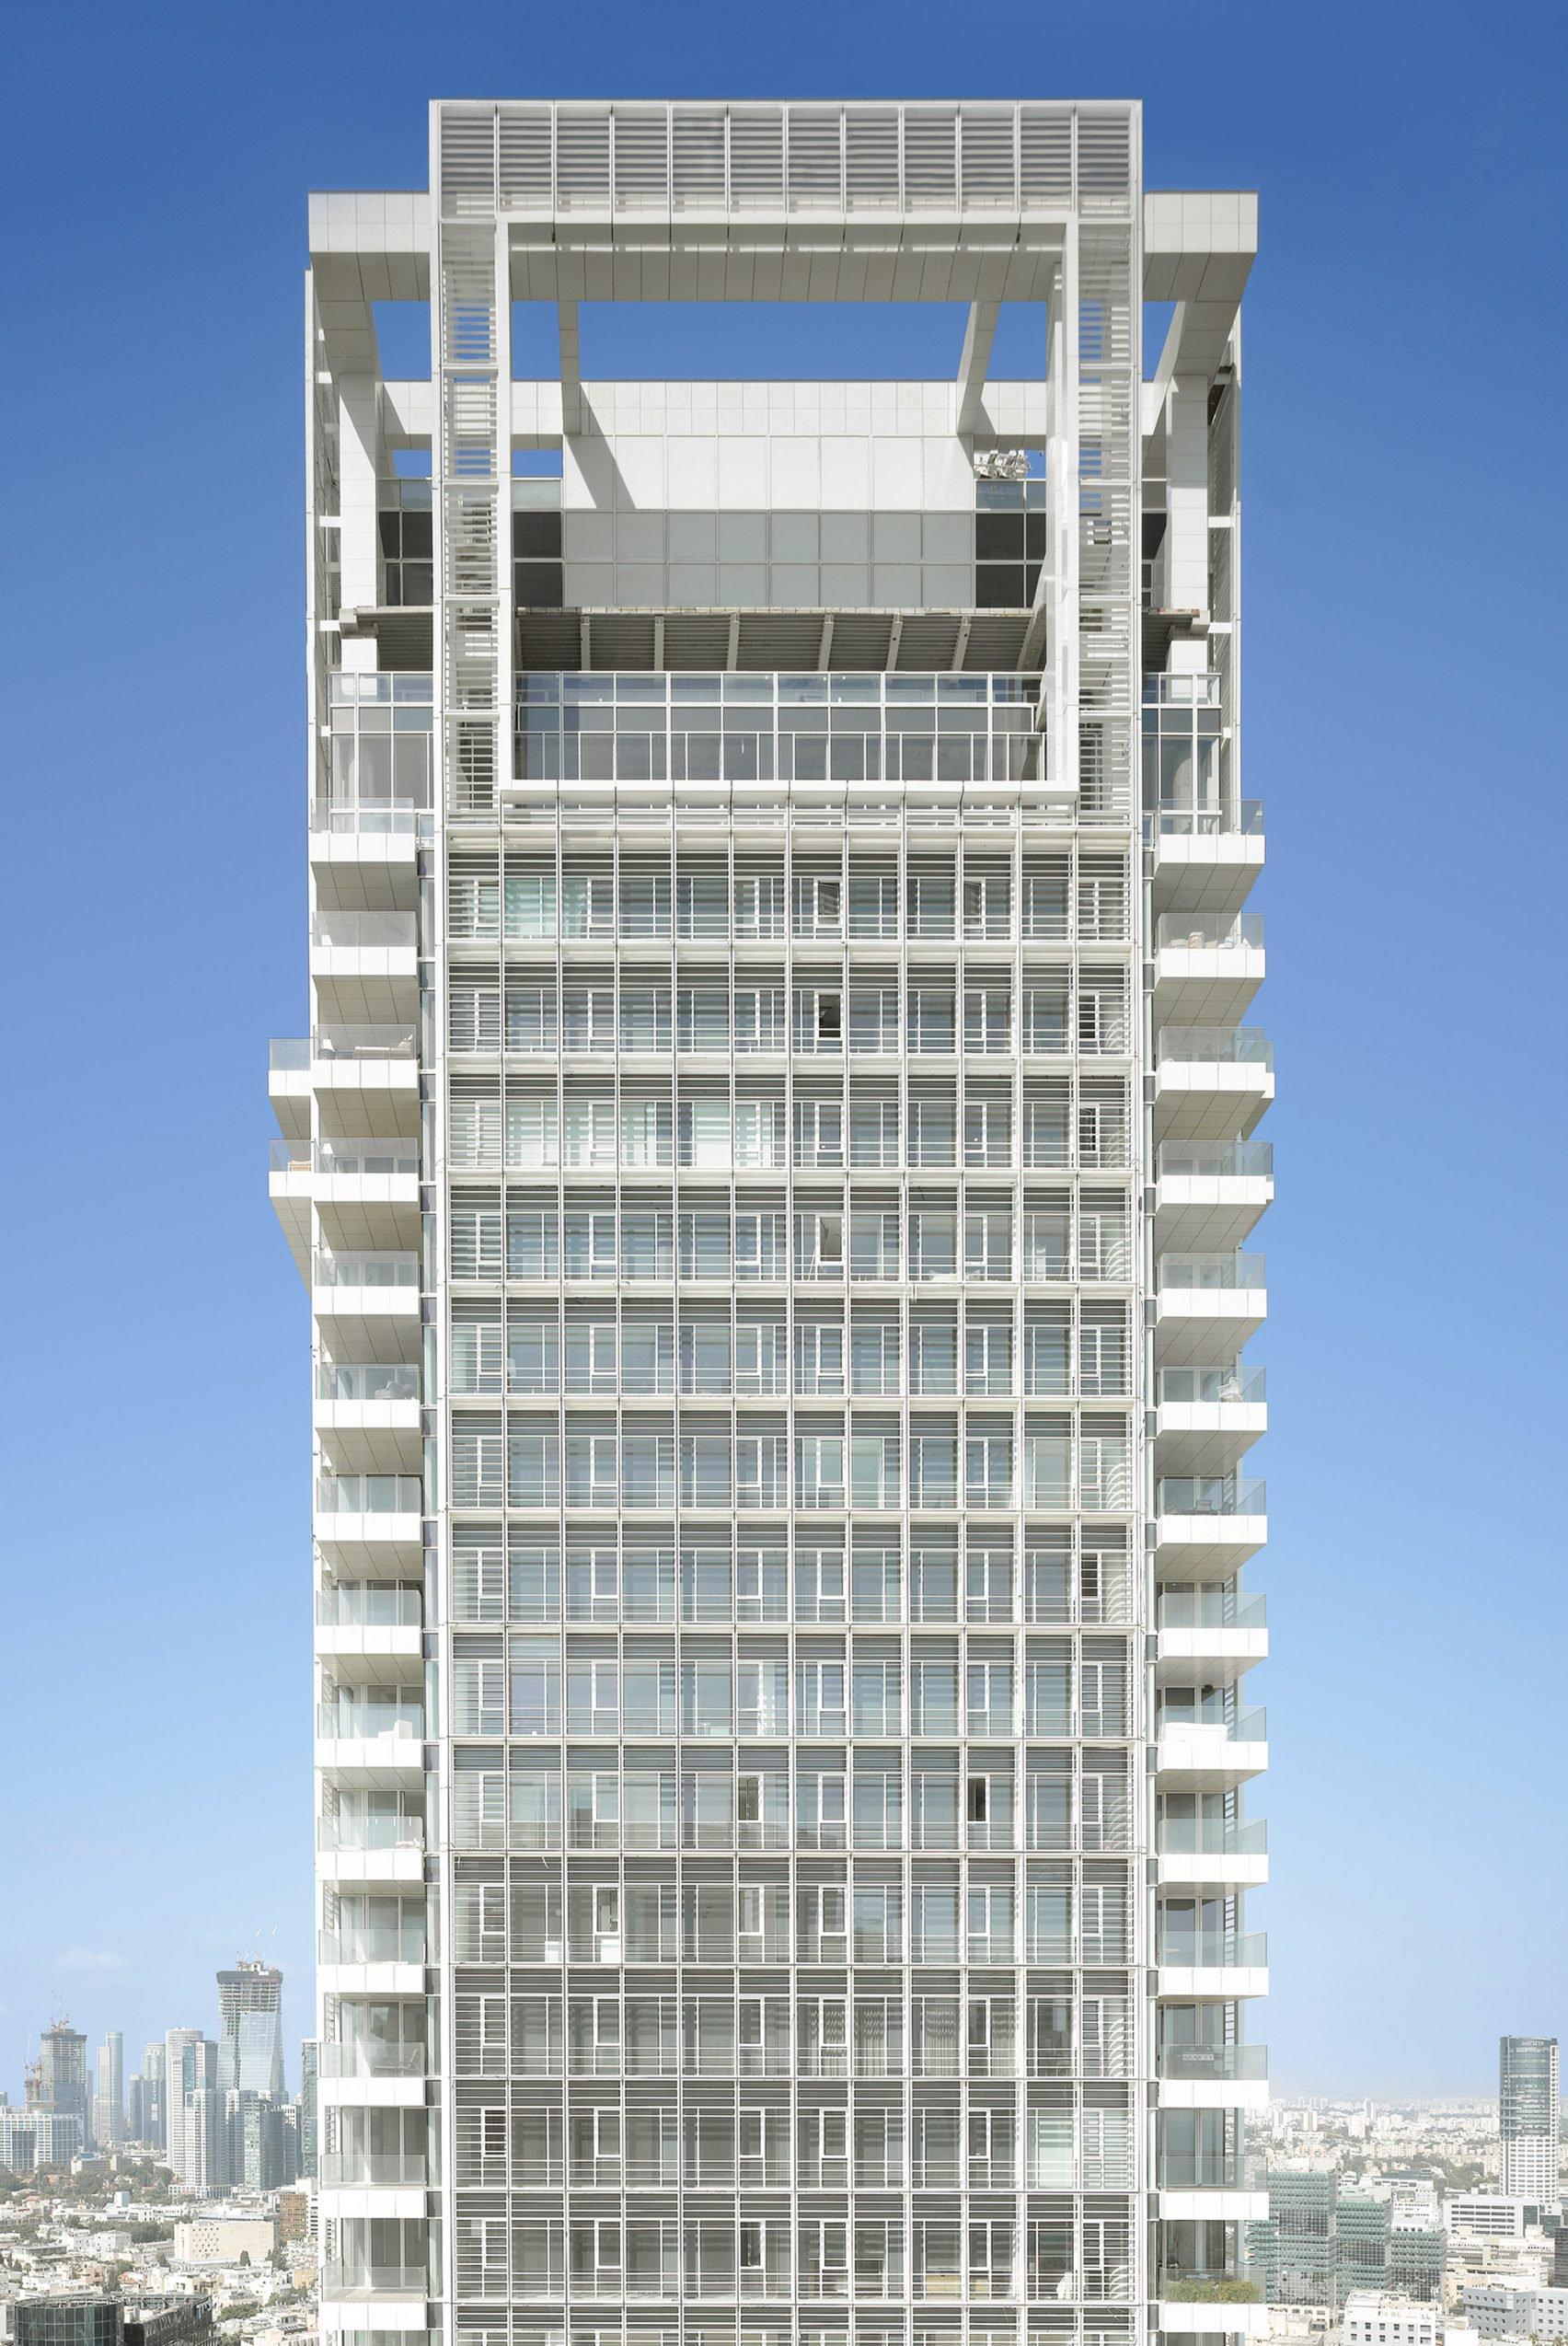 rothschild-tower-richard-meier-white-city-tel-aviv_dezeen_2364_col_0-1704x2549.jpg